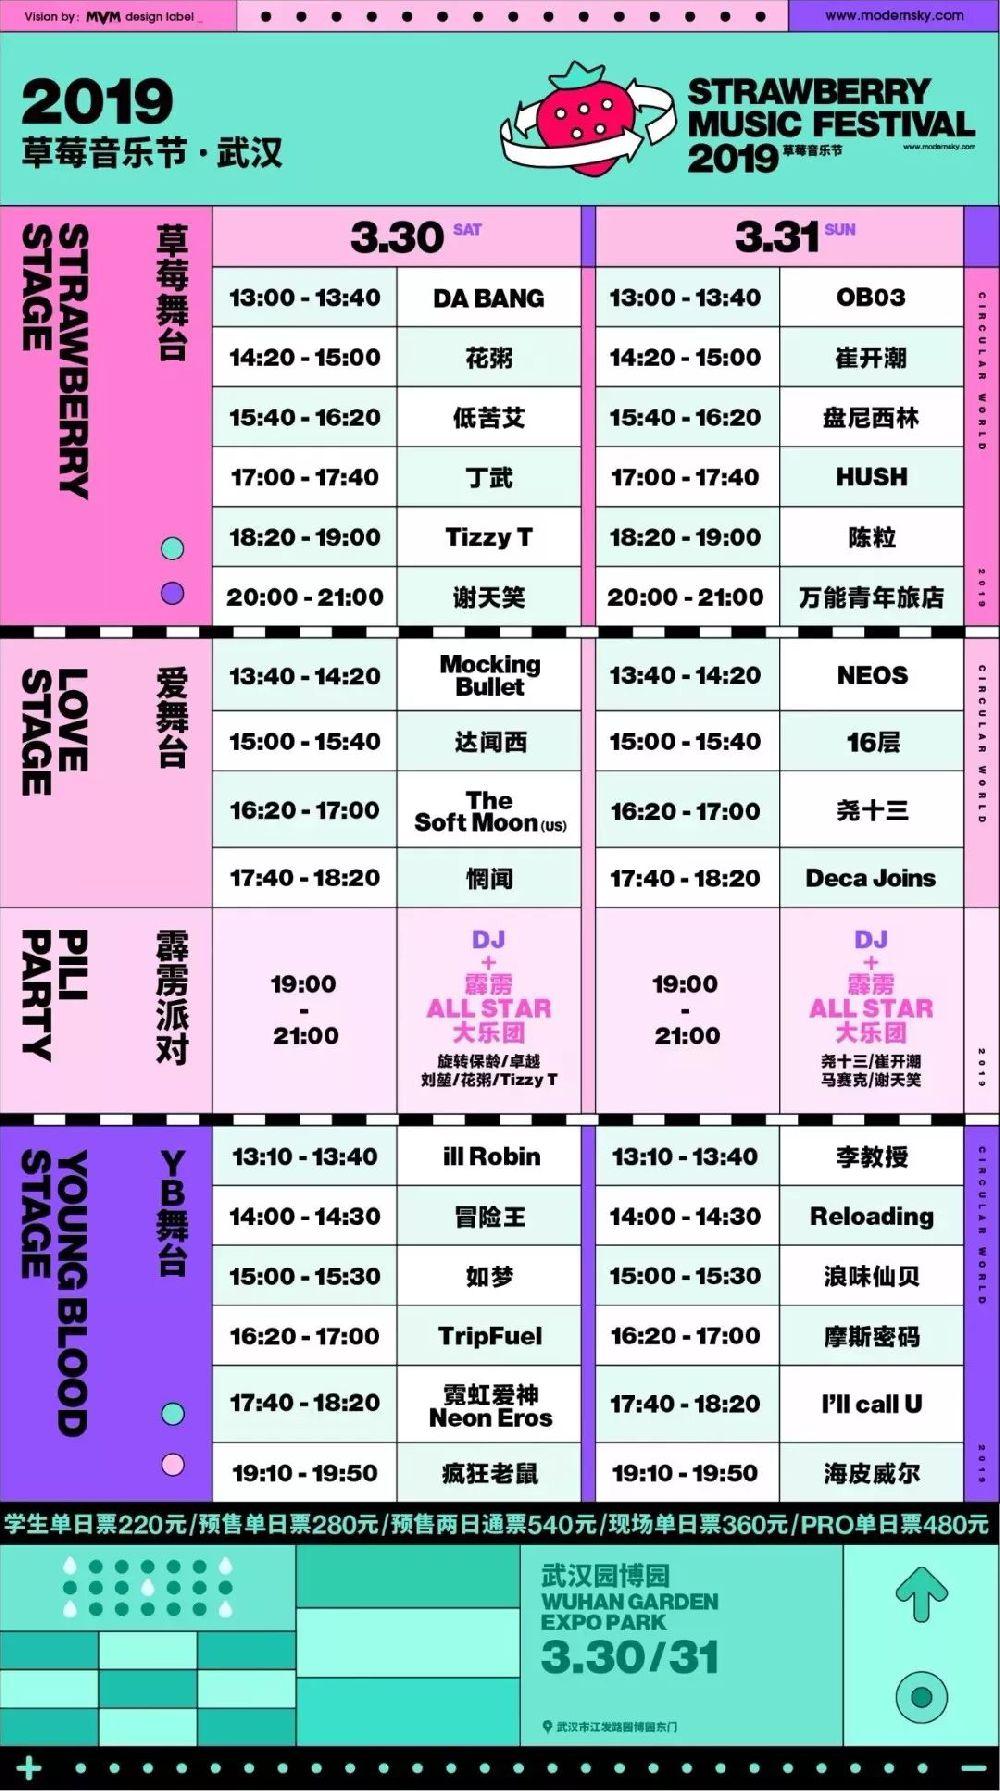 2019草莓音乐节时间、地点、门票及阵容